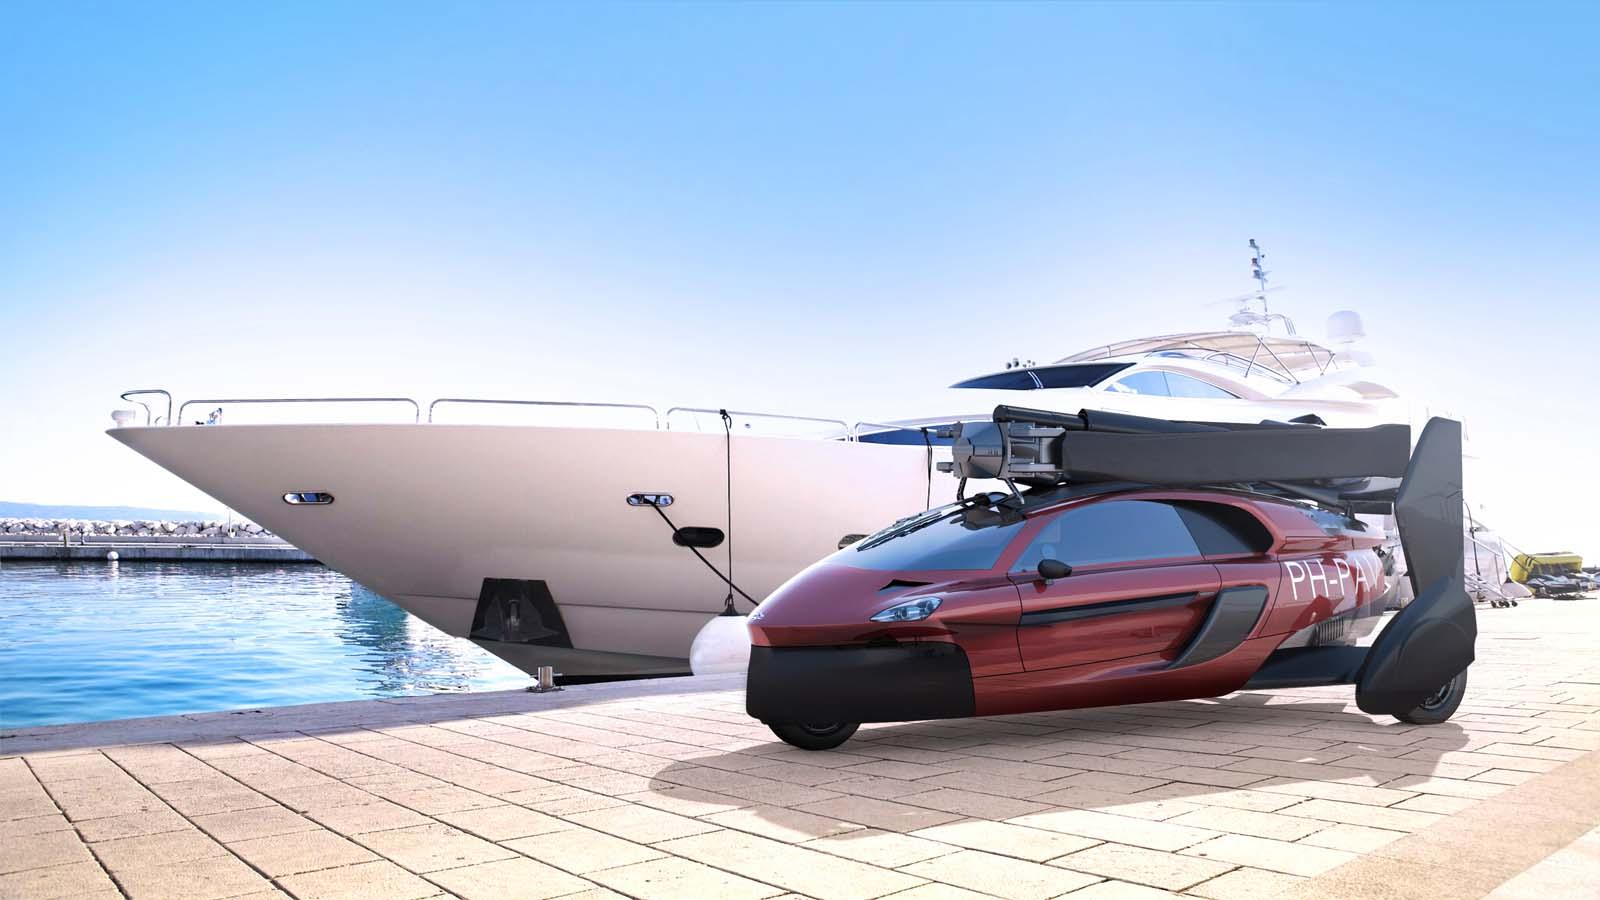 pal-v-liberty-flying-car-yacht_3500x1969_34238461765_o taciki.ru